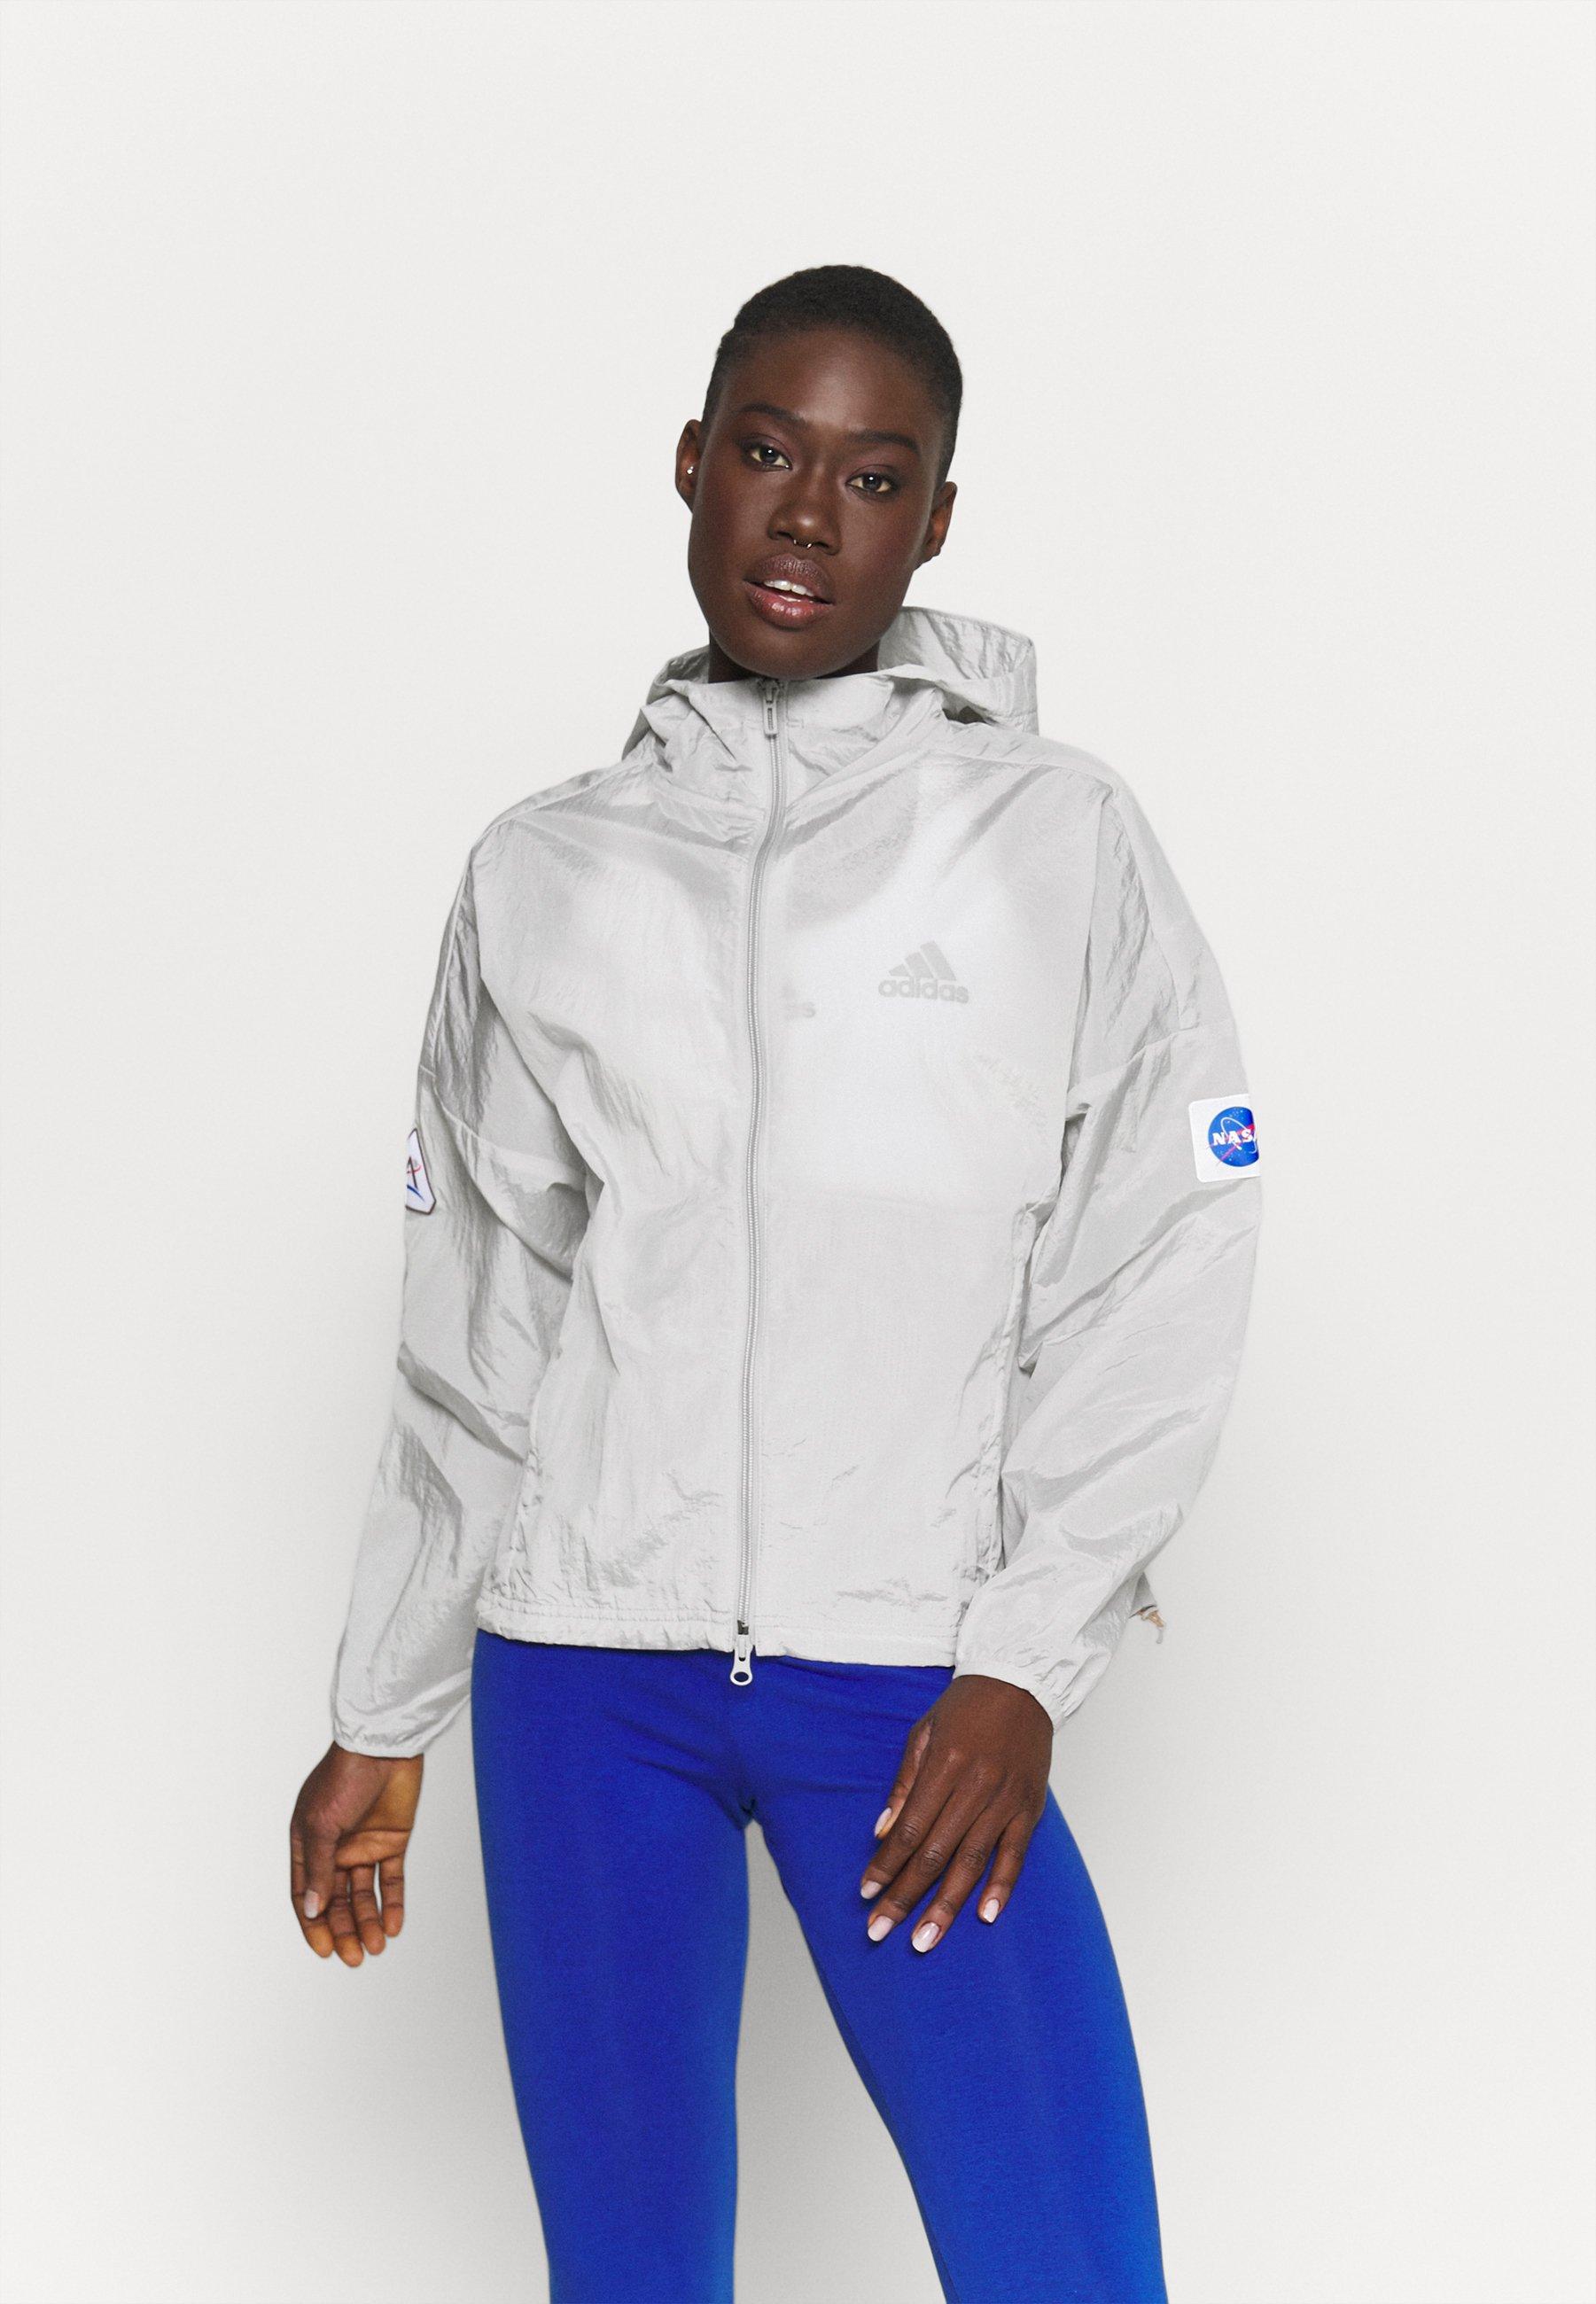 Women ADIDAS SPORTSWEAR CROP WINDBREAKER - Training jacket